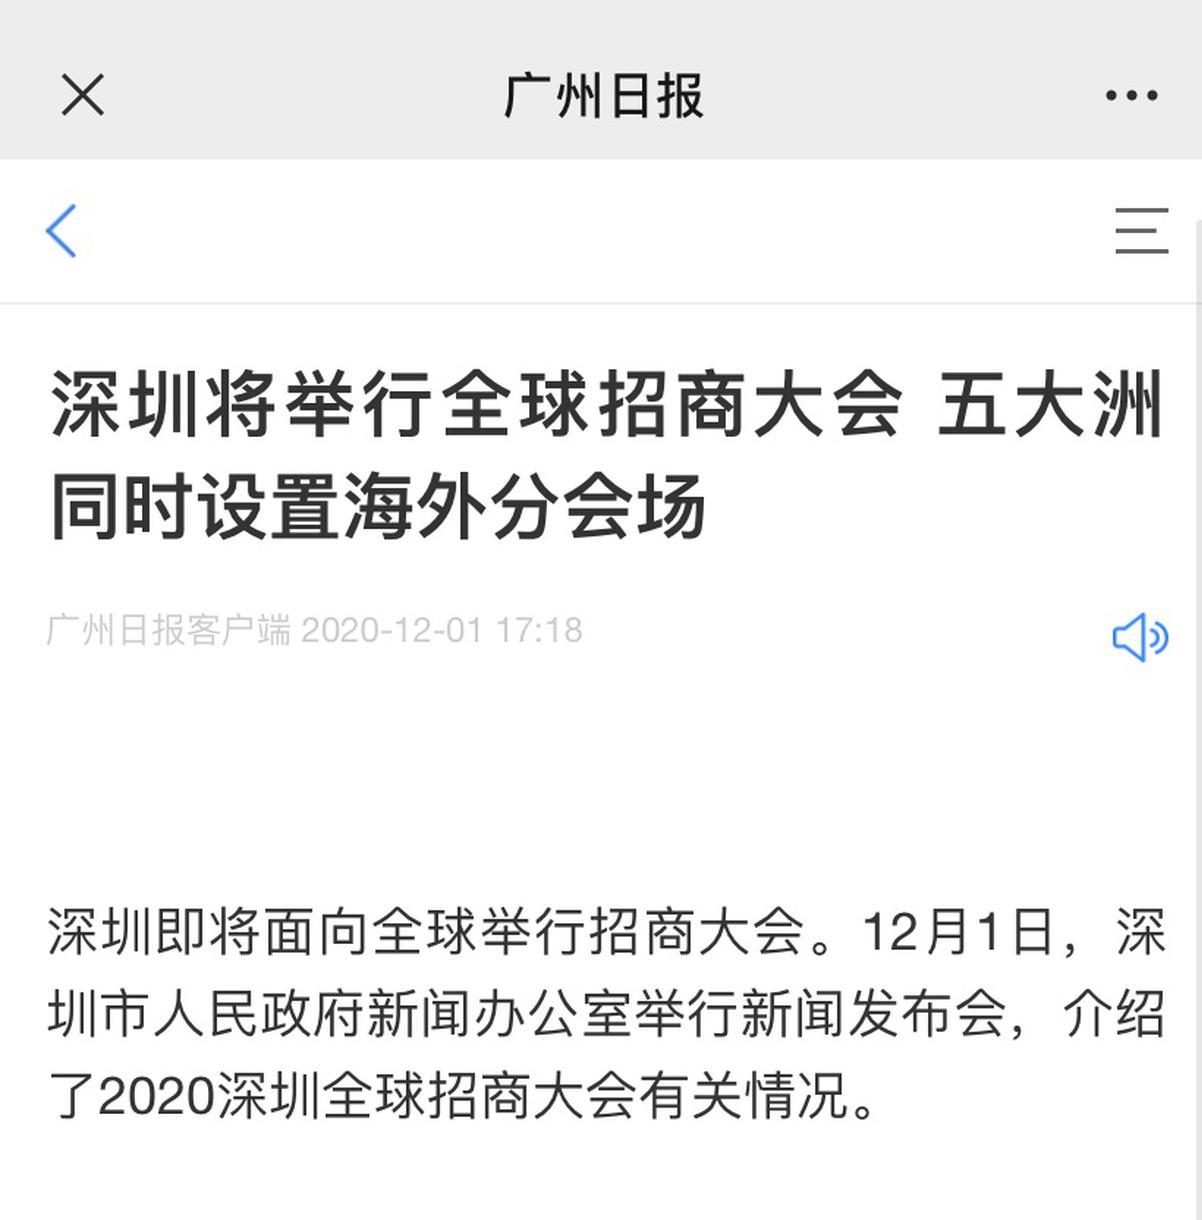 深圳将举行全球招商大会 五大洲同时设置海外分会场